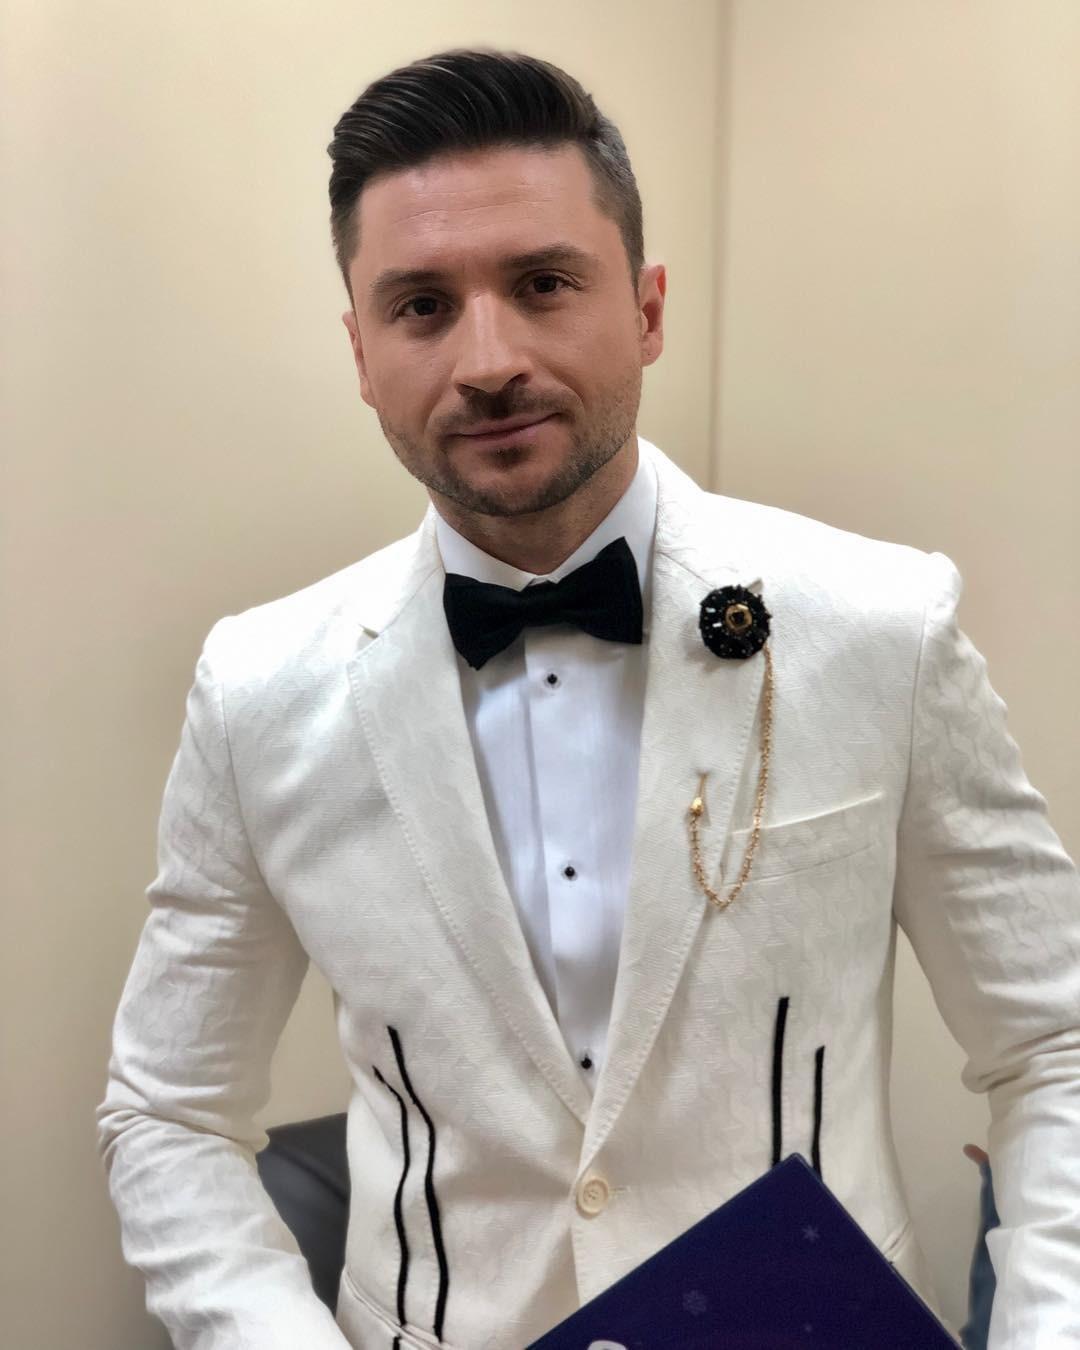 Сергей Лазарев рассказал, какие подарки делал маме на 8 марта